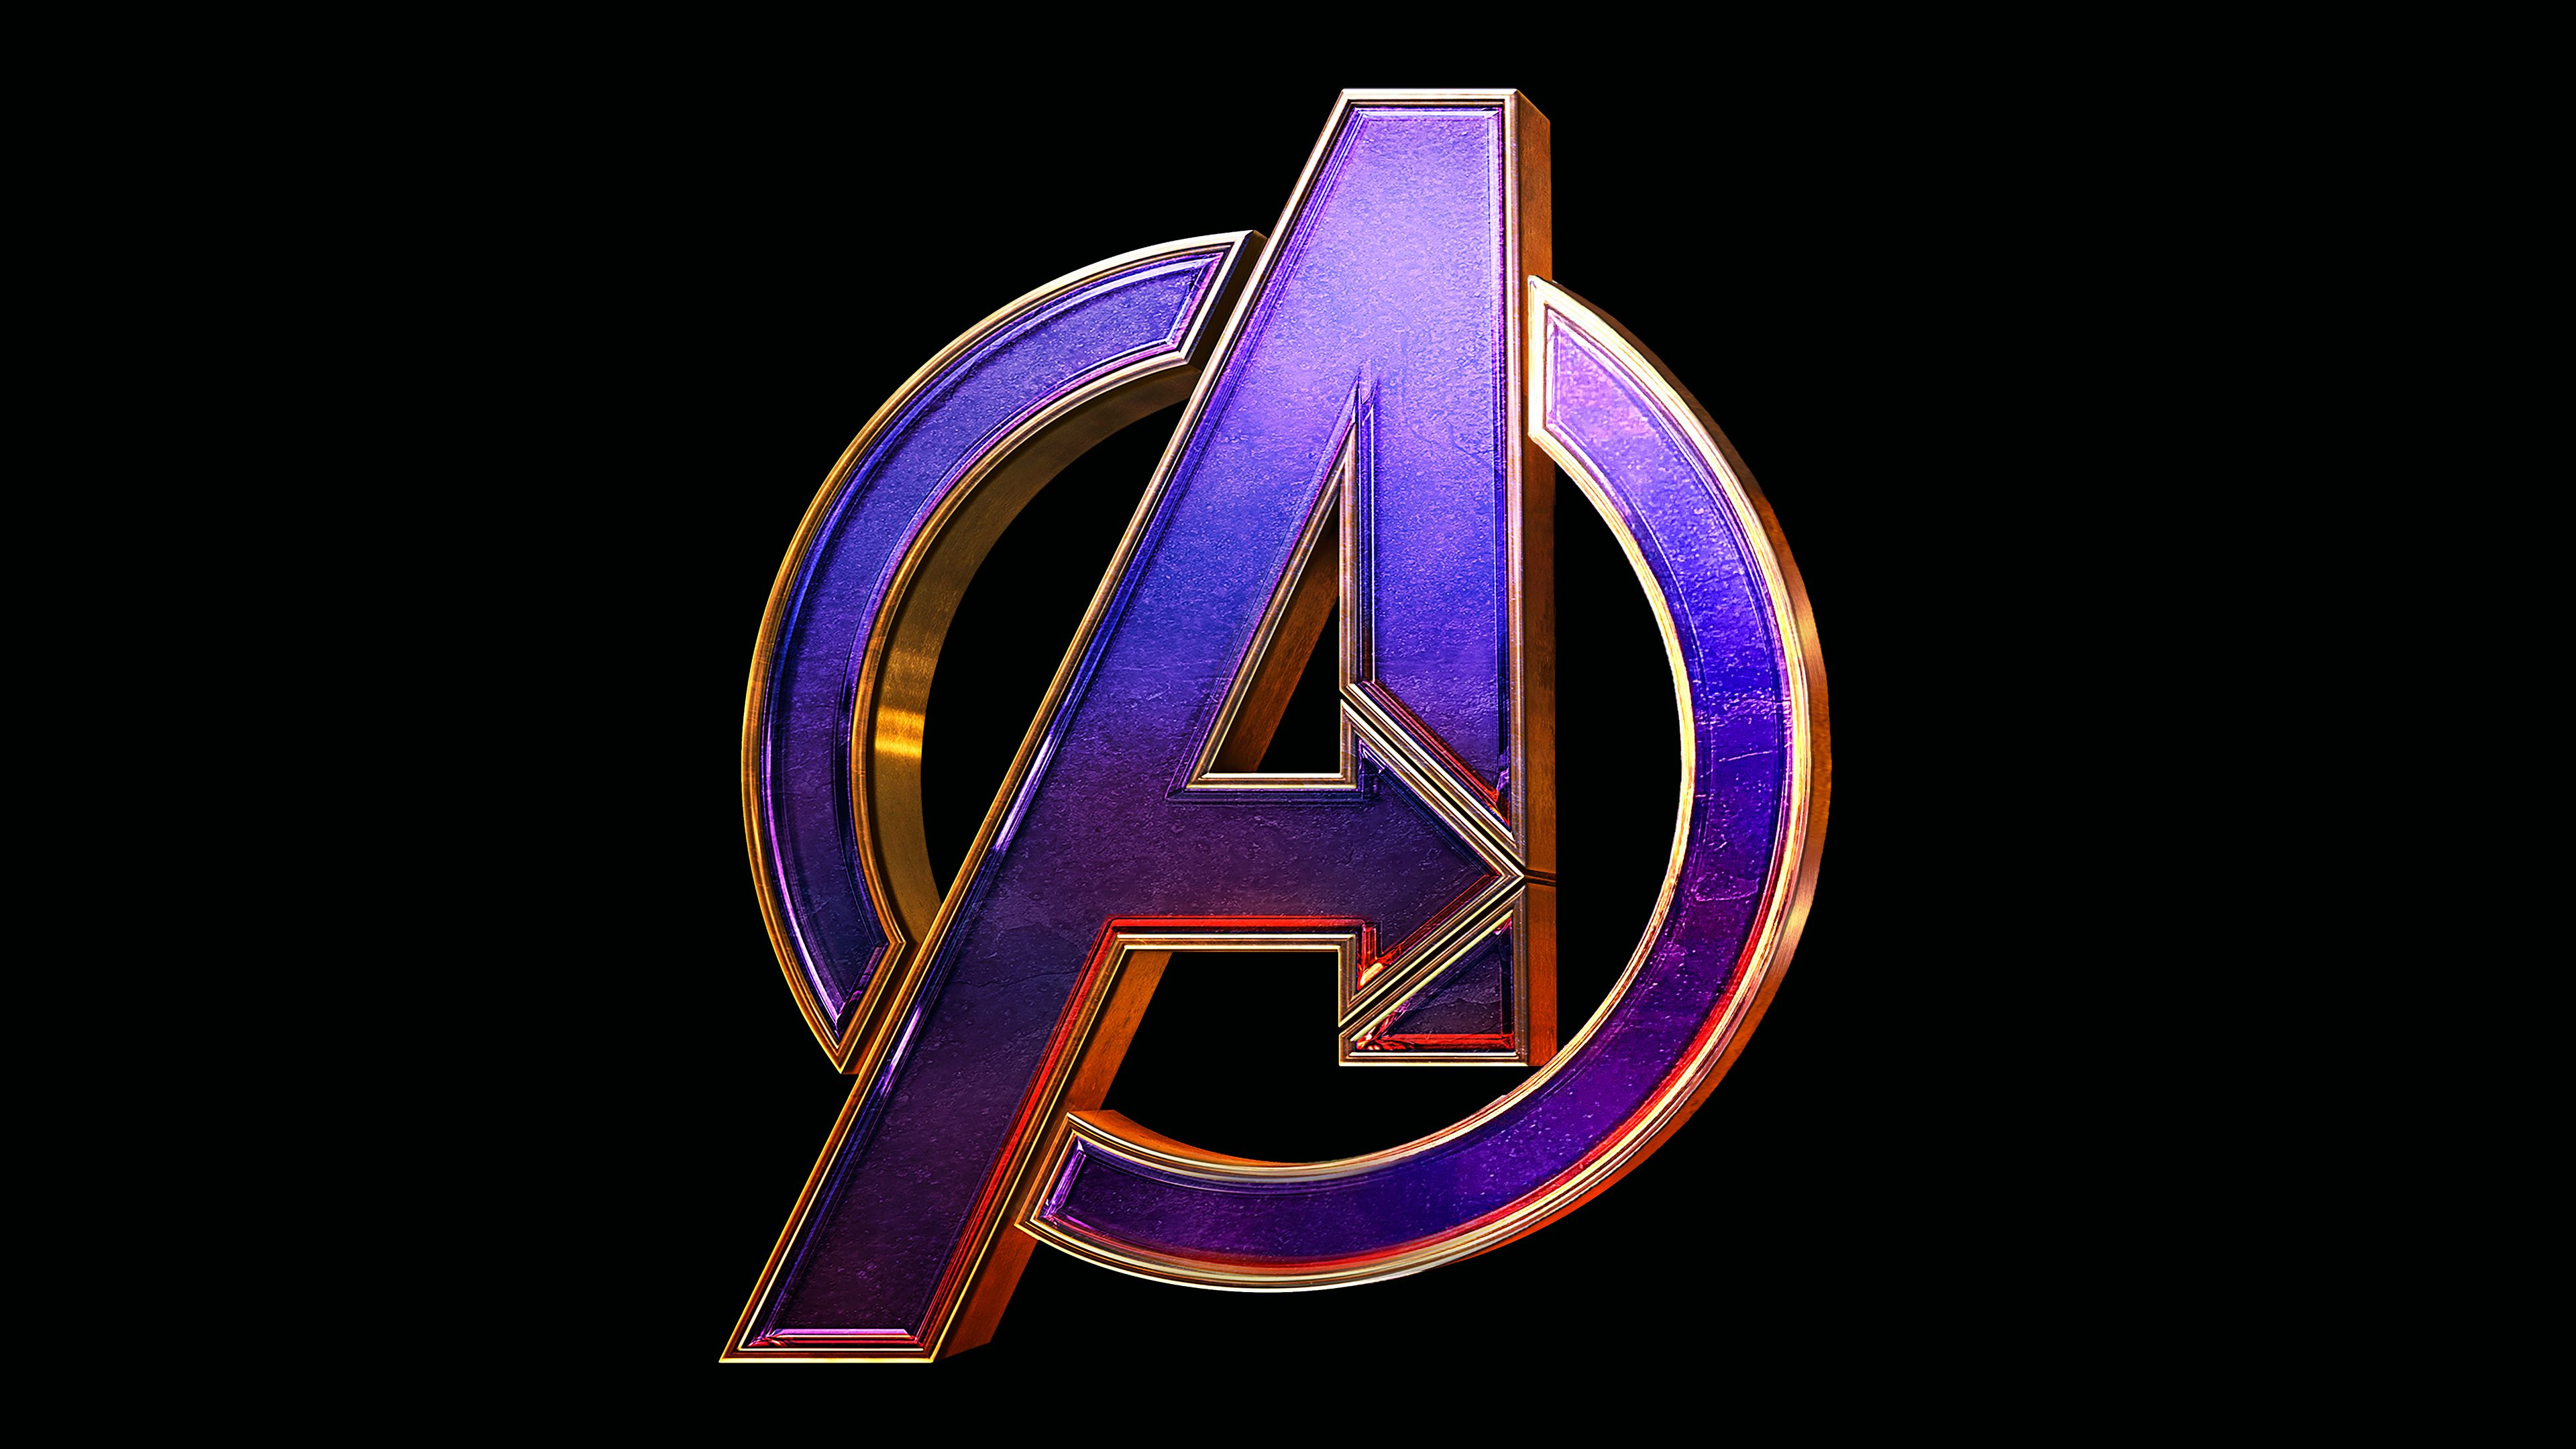 Avengers Endgame Logo 4k Movies Wallpapers Logo Wallpapers Hd Wallpapers Avengers Endgame Wallpapers Ave Avengers Logo Marvel Background Avengers Wallpaper